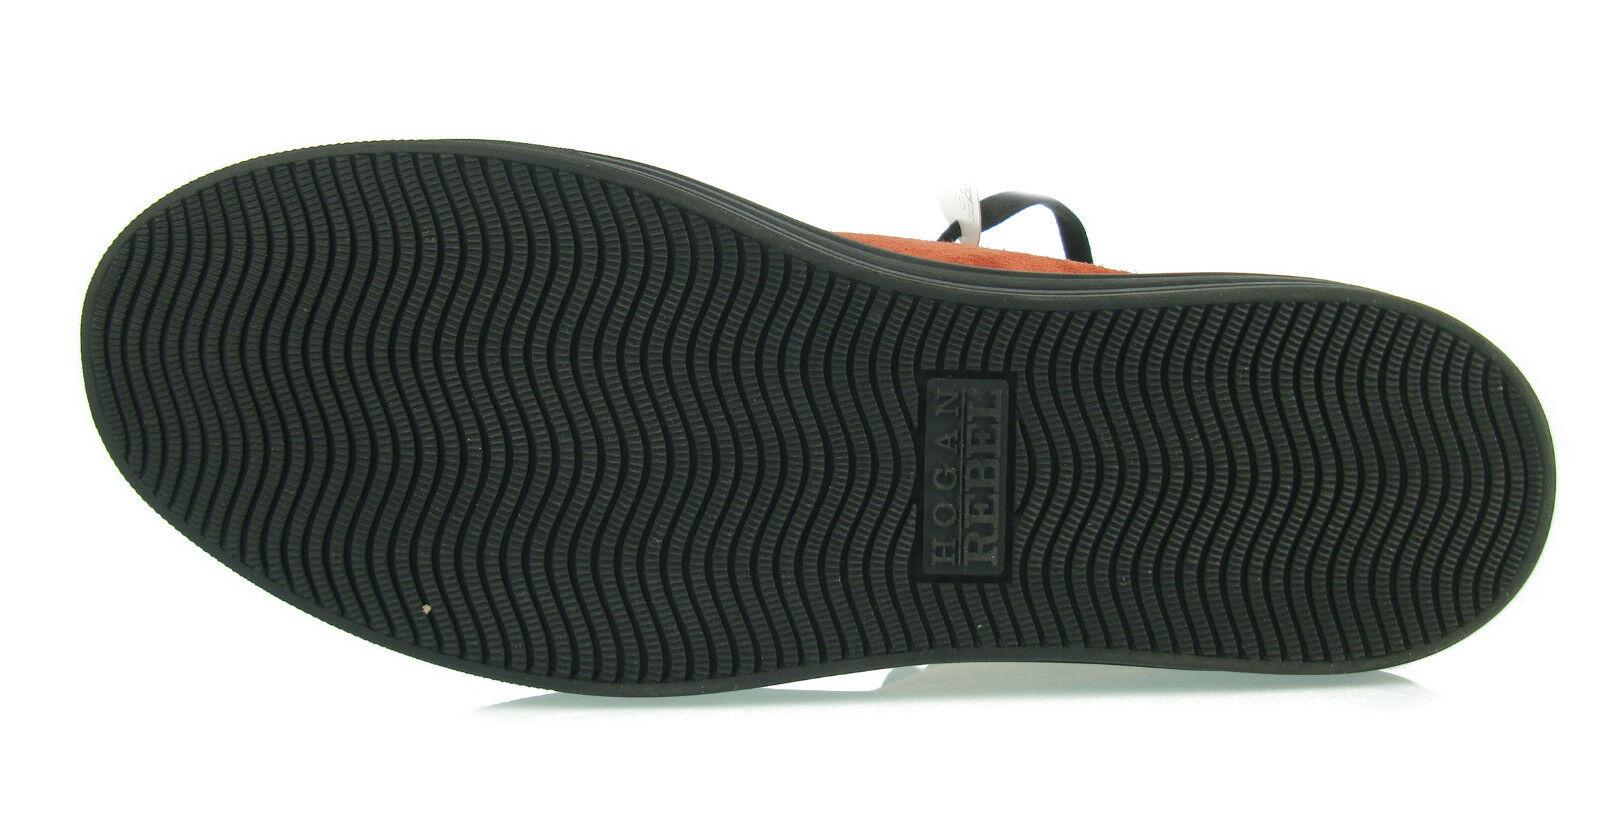 Hogan rebel Herrenschuhe neu Turnschuhe hi Top Schuhe Schuhe Schuhe herrenshuhe 100% Authent 18bfe5